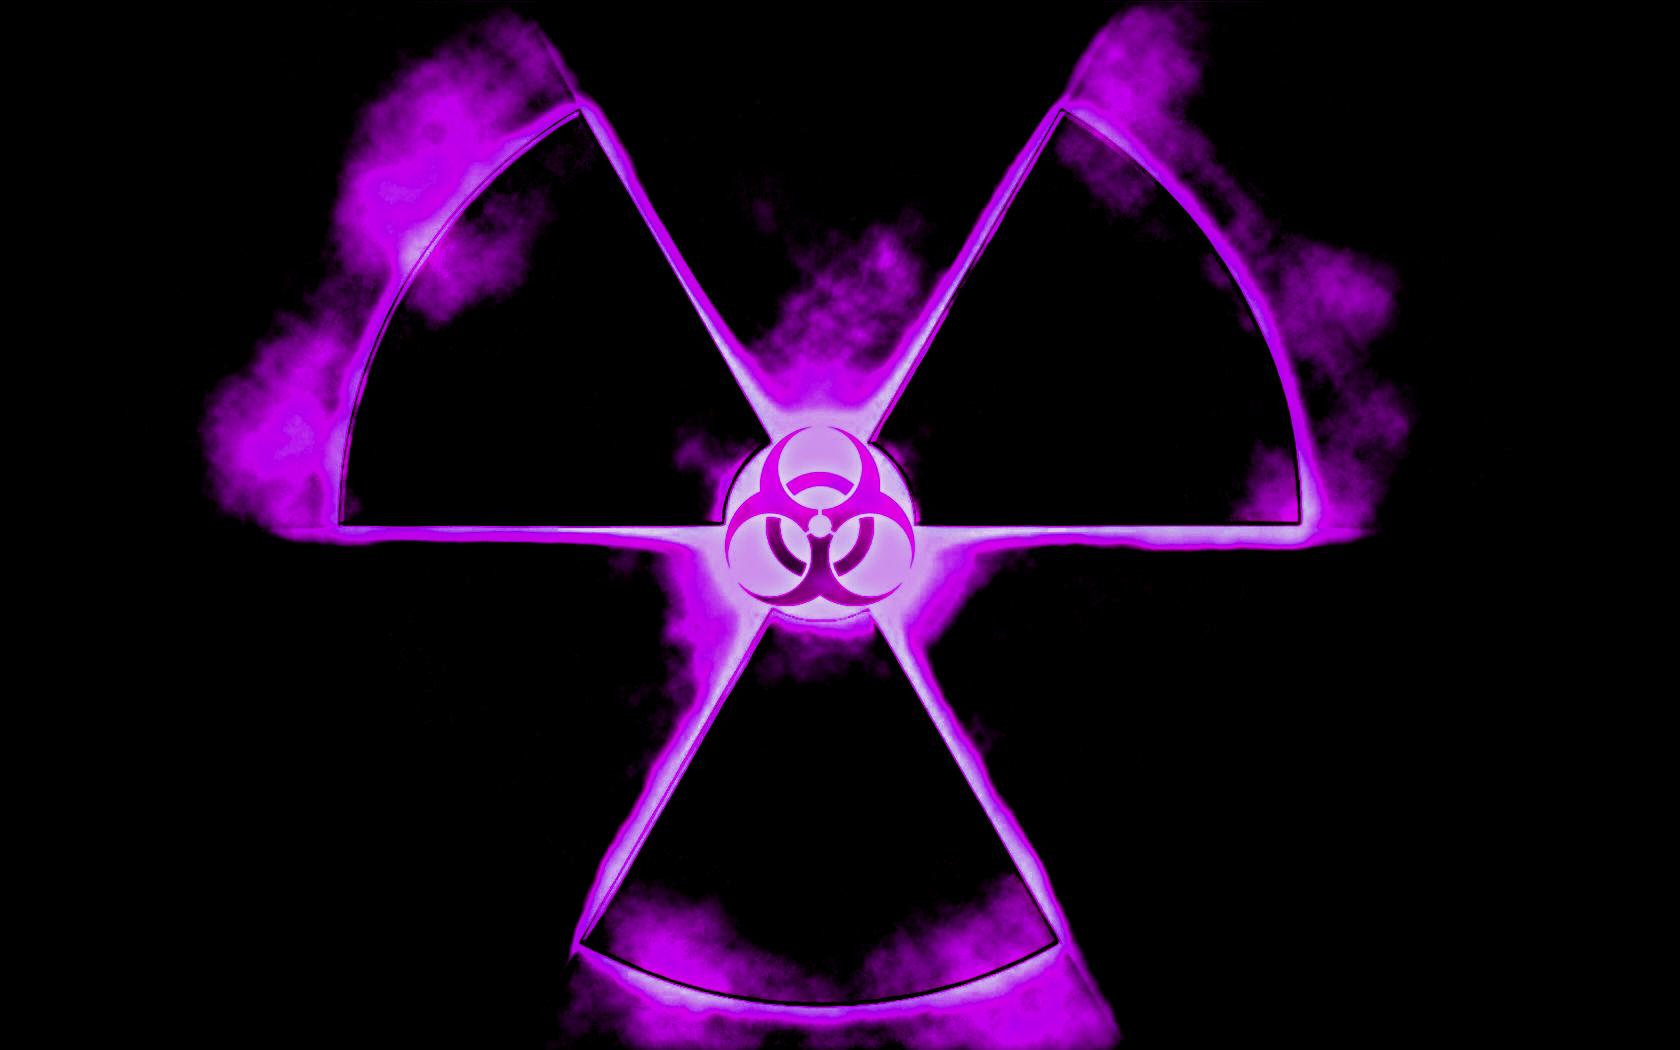 Amazing Computer Wallpapers Quotes Biohazard Computer Wallpapers Desktop Backgrounds